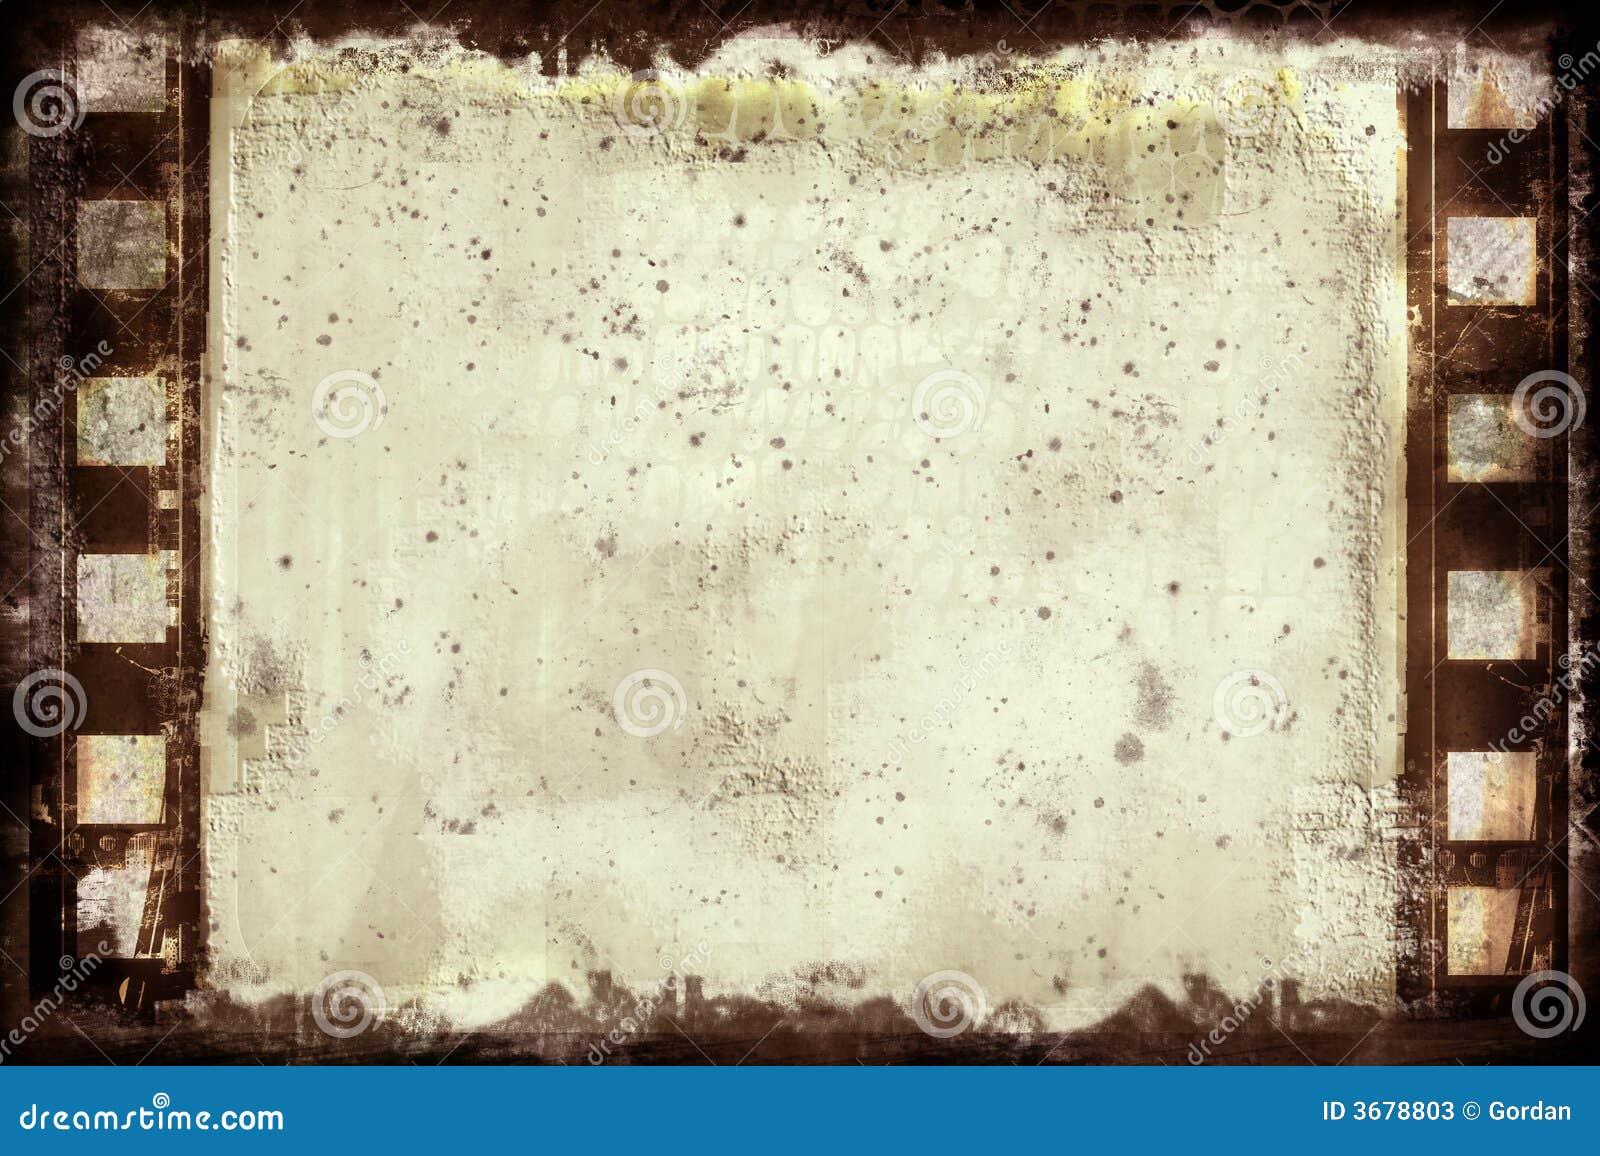 Grunge Filmfeld stock abbildung. Illustration von farbe - 3678803